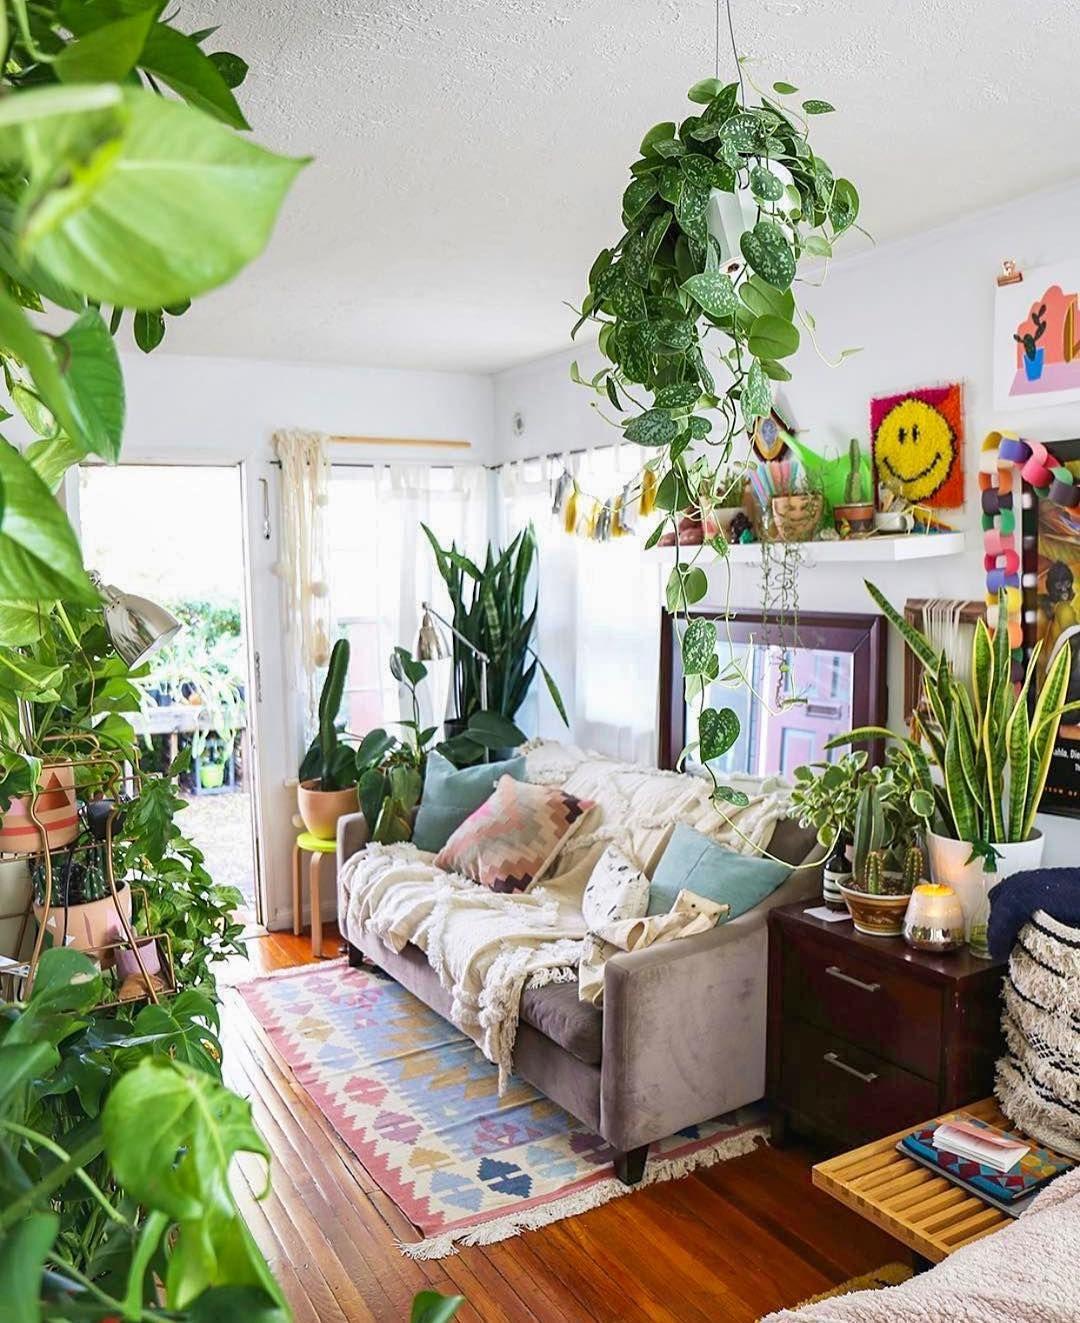 Pin By Karen Crawn On Home Decor: Pin By Karen Ibbotson On Interiors